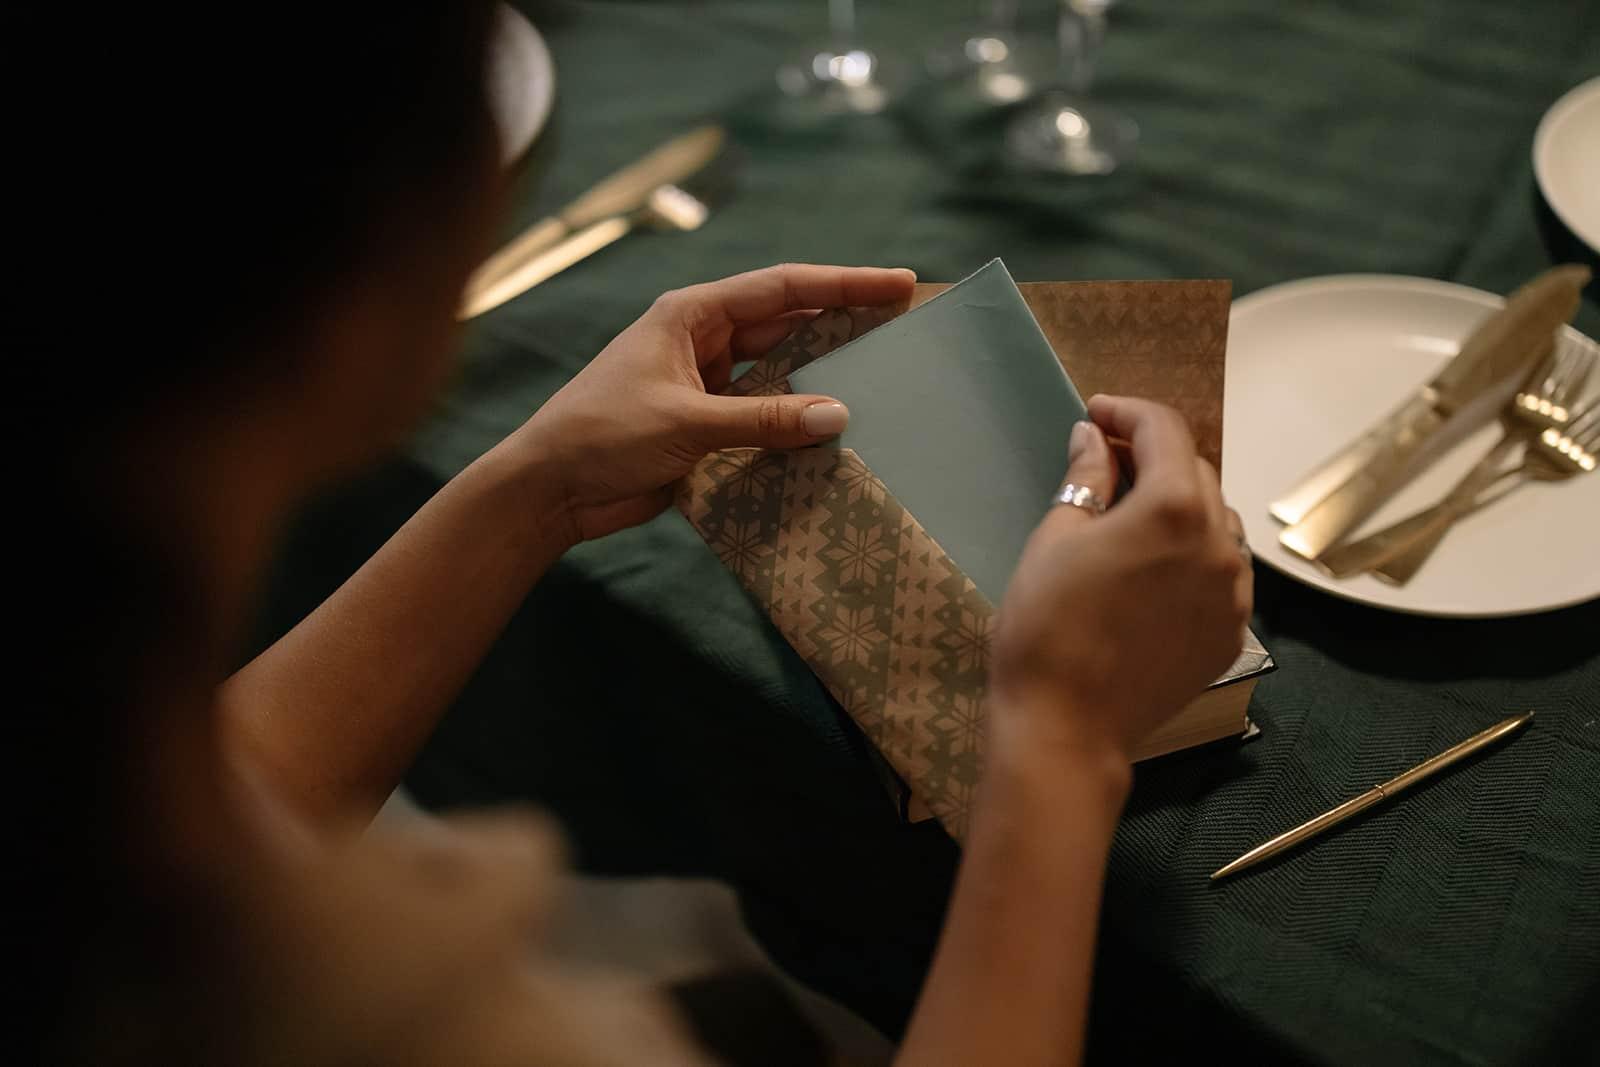 eine Frau, die einen Gutschein in einen Umschlag steckt, während sie am Tisch sitzt